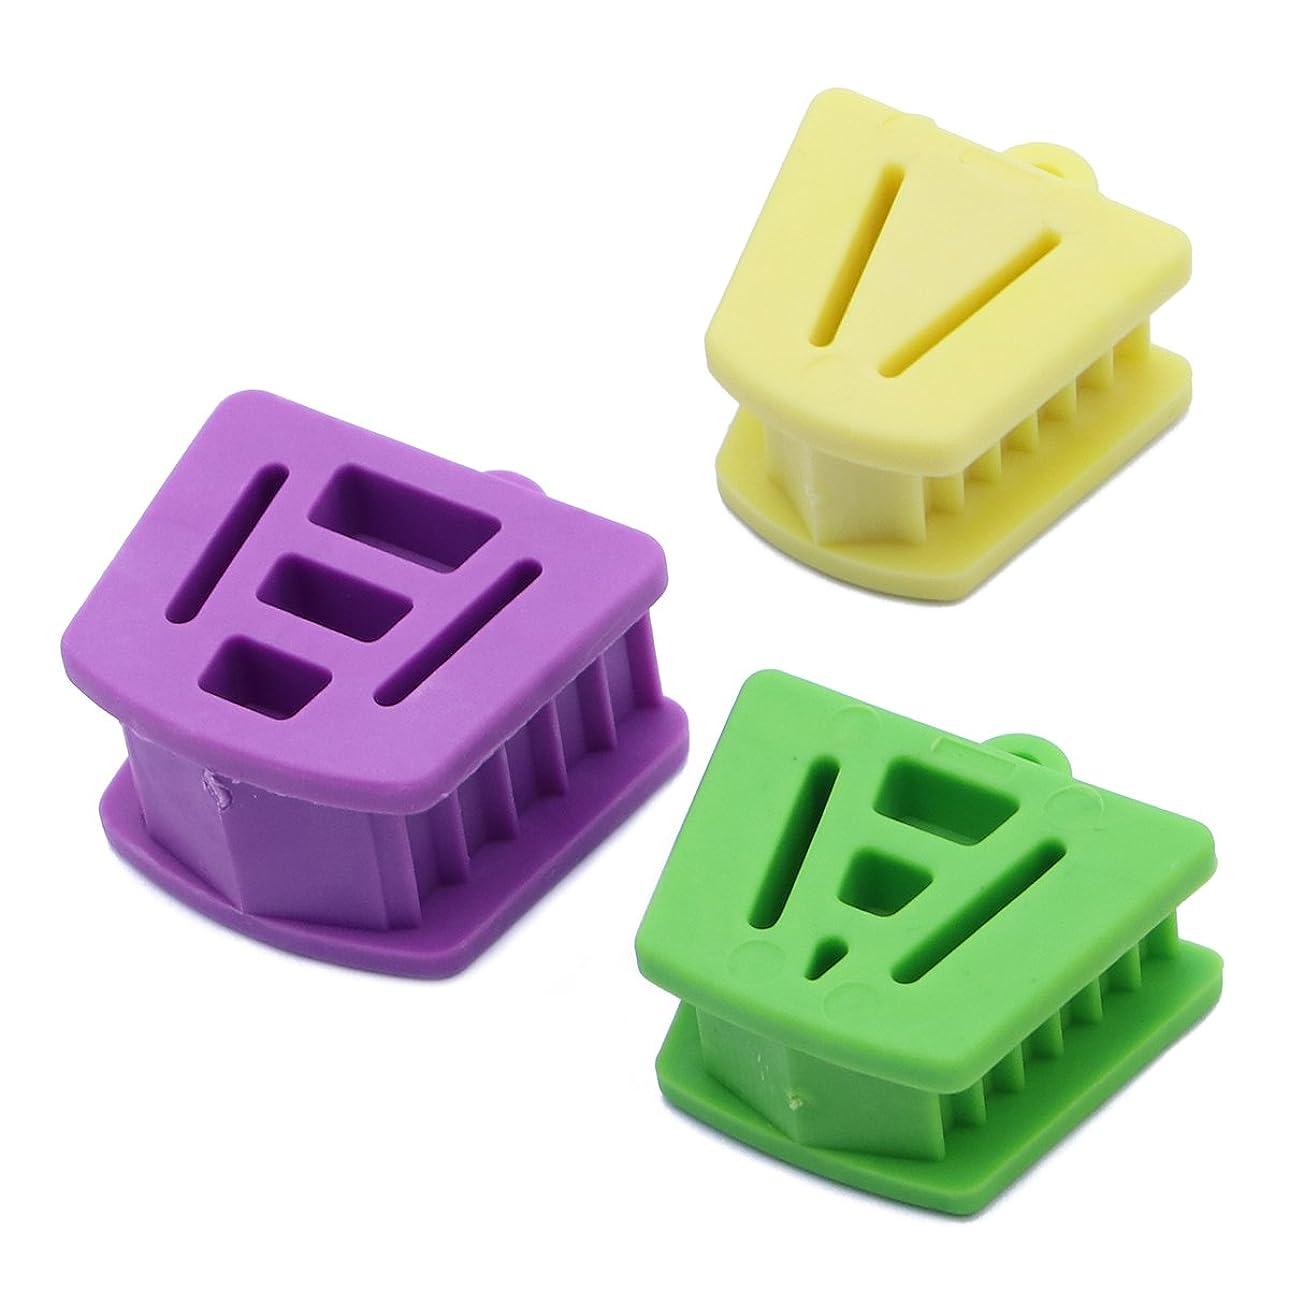 同様にボール宗教Healifty 3個/パック口プロップバイトブロック歯科口腔内支持矯正用アクセサリー